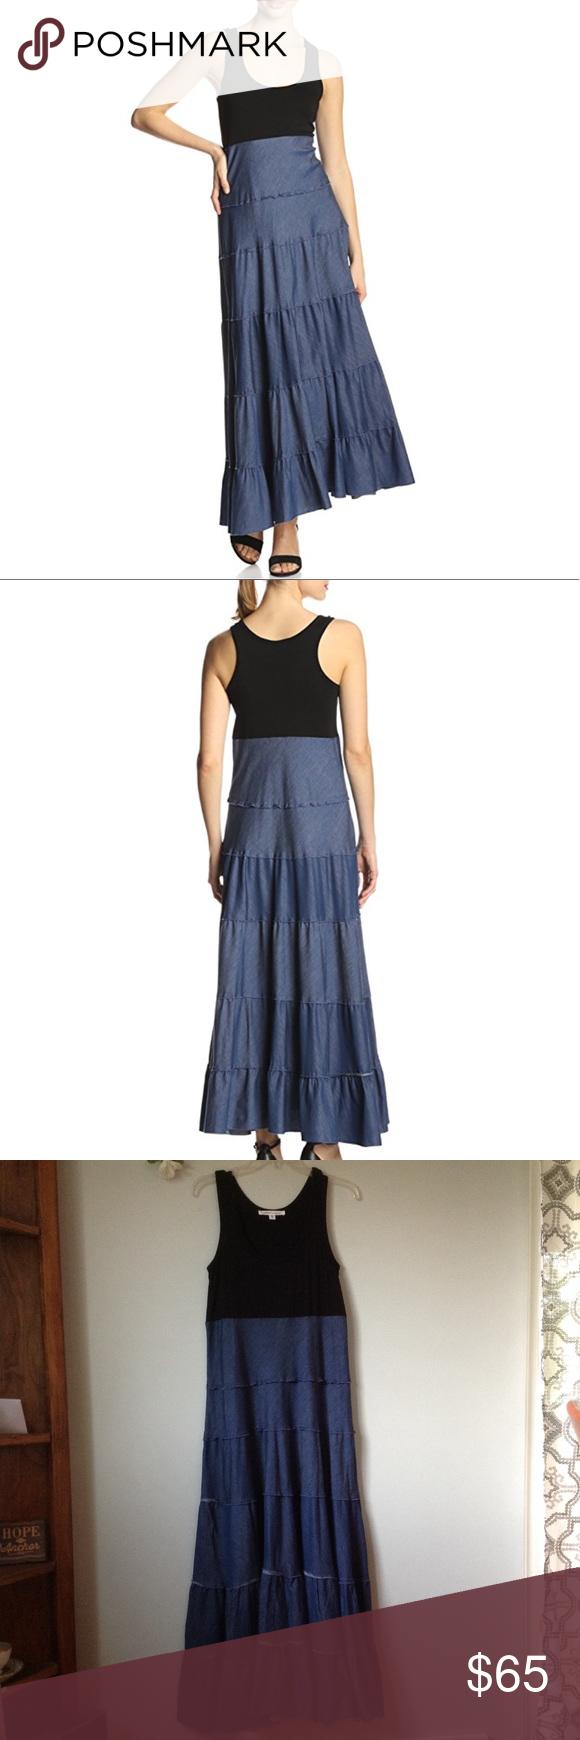 Karen By Karen Kane Chambray Tiered Maxi Dress Med Tiered Maxi Dress Clothes Design Karen Kane Dress [ 1740 x 580 Pixel ]